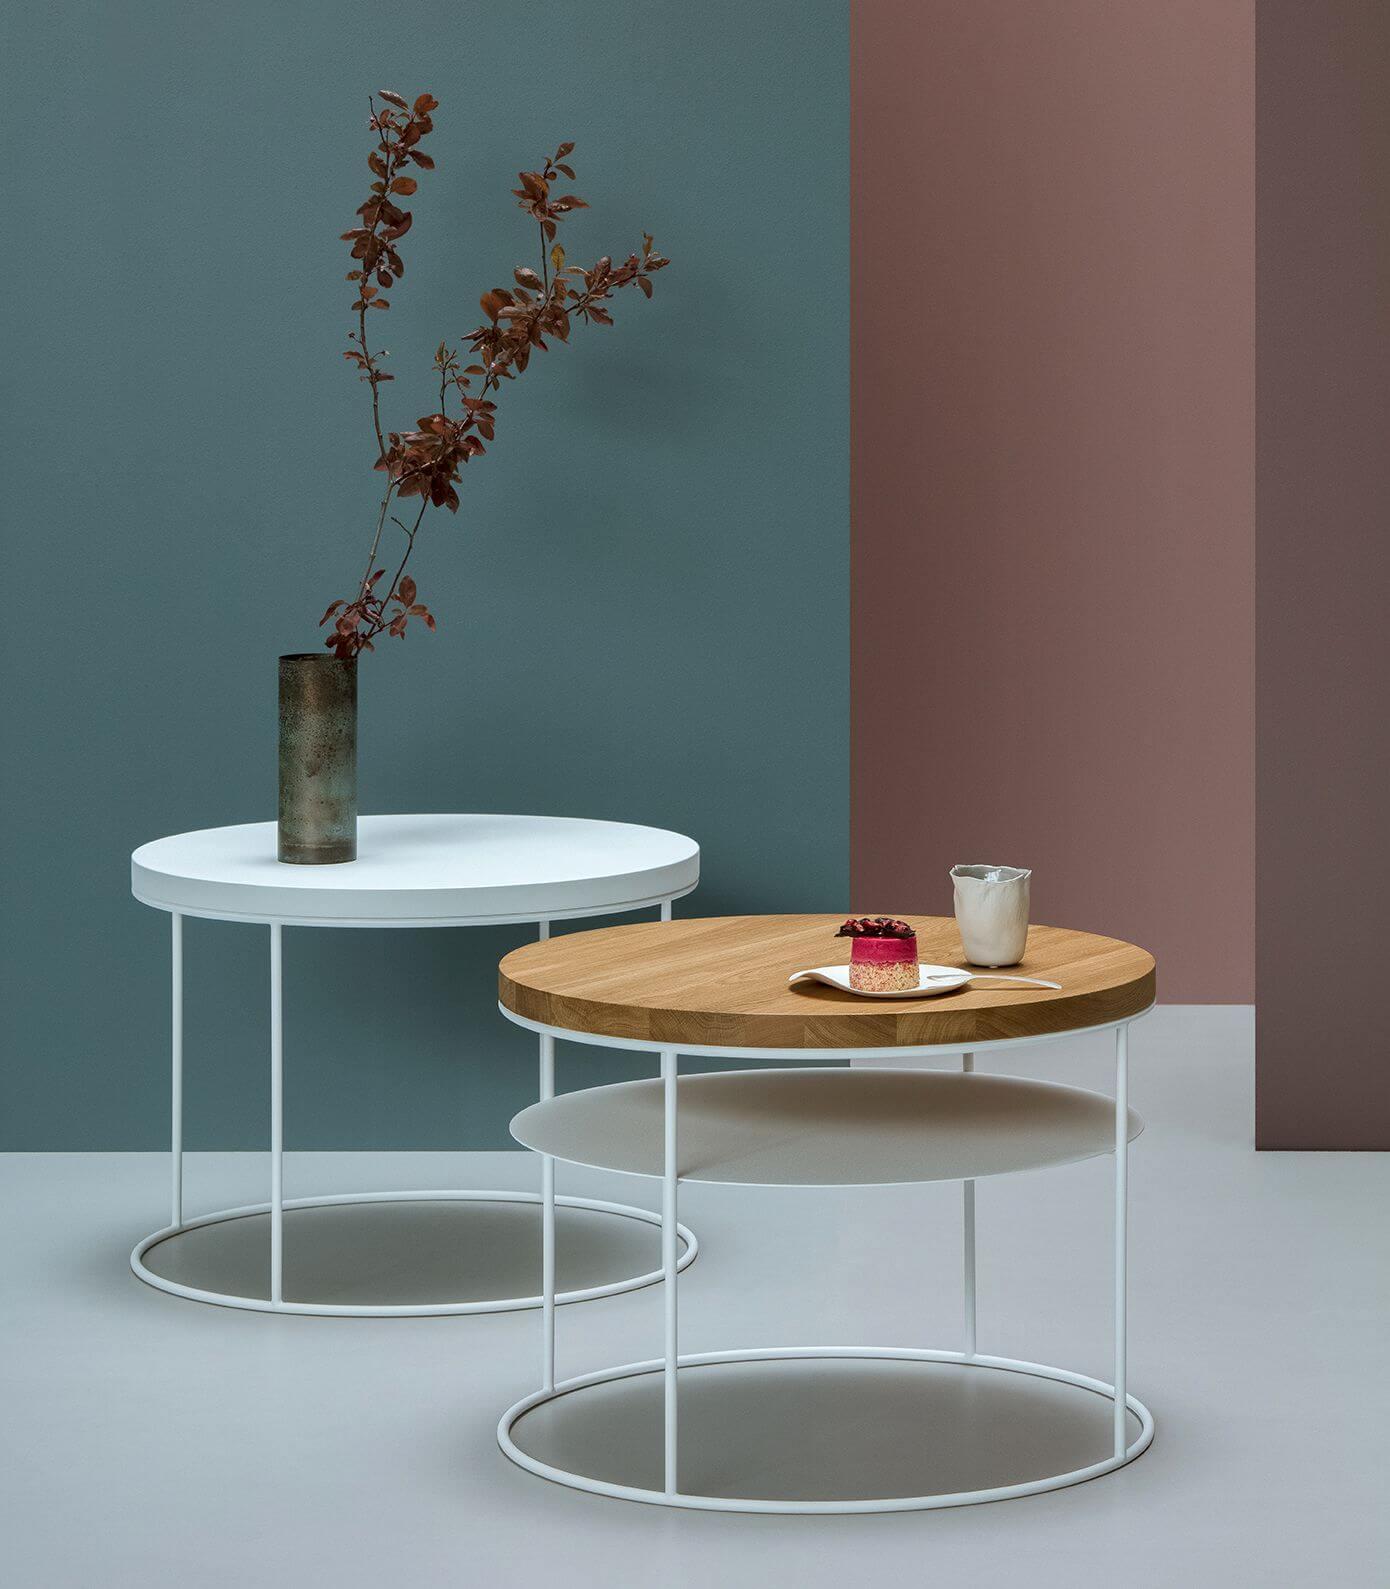 nowoczesny stolik z półką - take me HOME